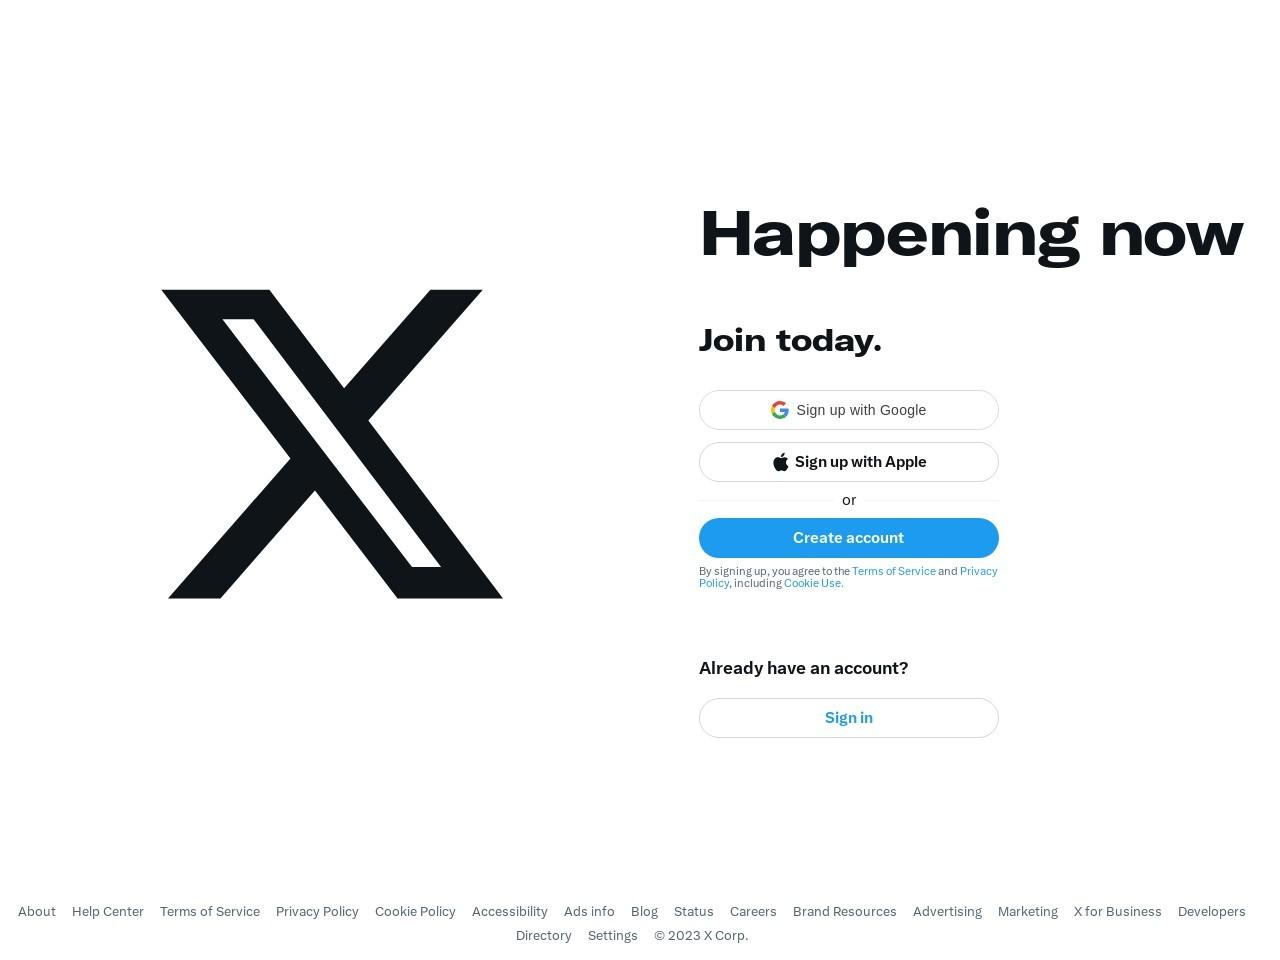 (1) つるぽんさんはTwitterを使っています 「立川が舞台のアニメか #アド街 https://t.co/3TOVGrlbbk」 / Twitter